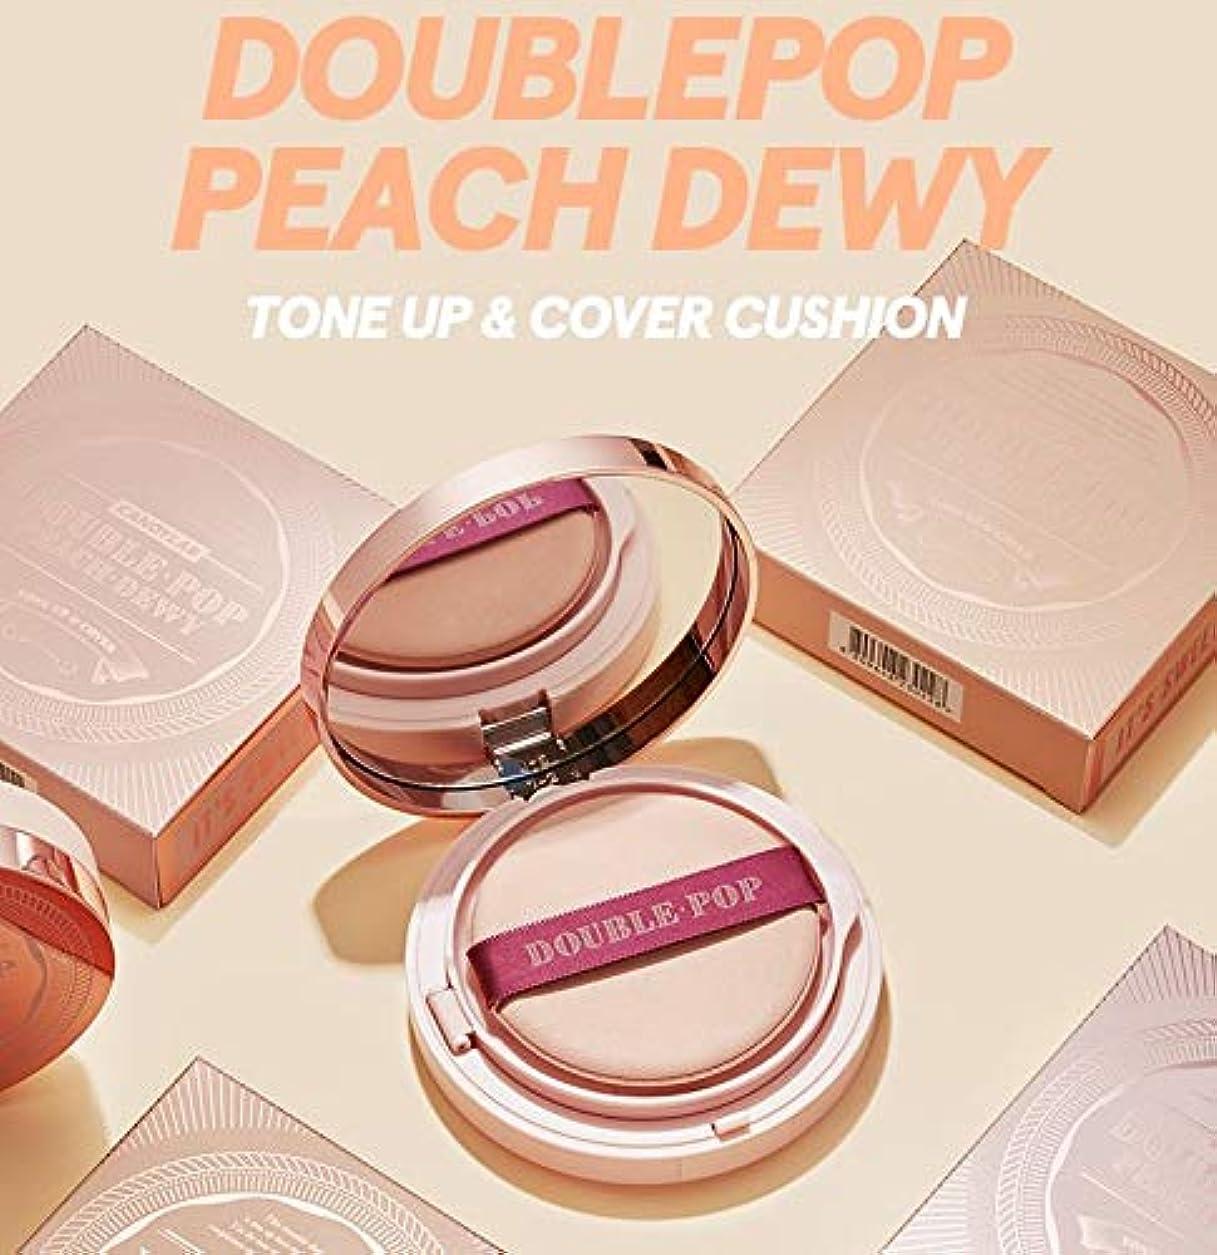 責任者メディア演じる【キャンディラボ公式ストア】Doublepop Peach Dewy Cushion/ダブルポップピーチ クッションファンデ/正品?海外直送商品 [並行輸入品] (#17 Porcelain Peach)